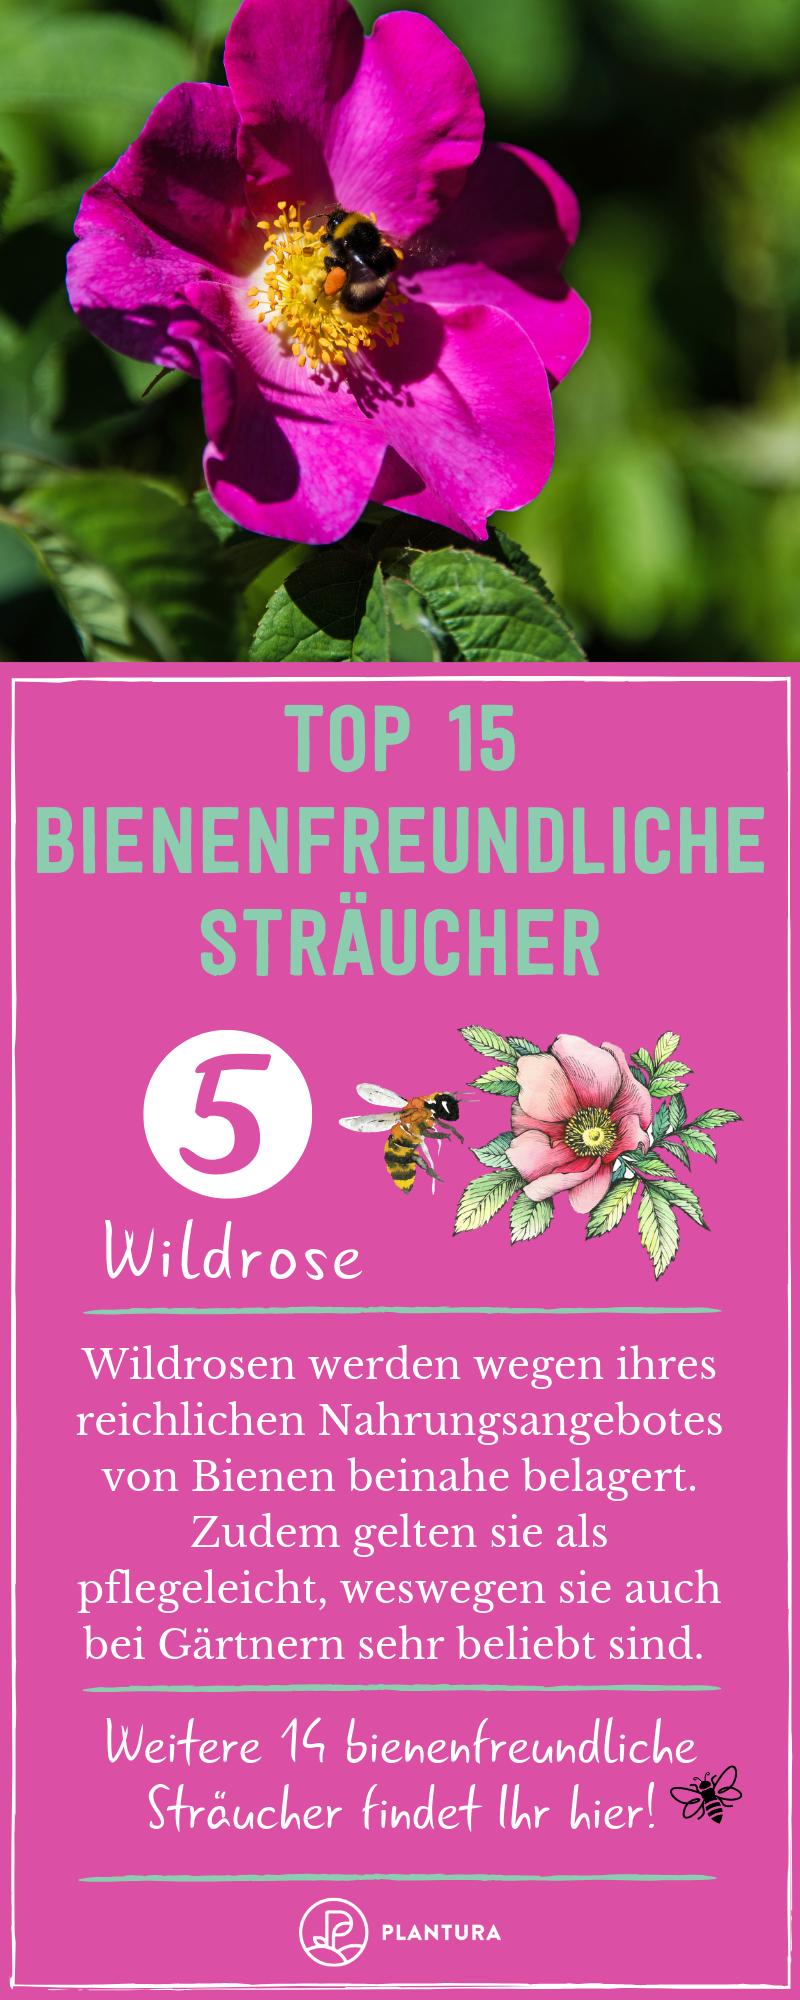 Top 15 Bienenfreundliche Straucher Wildrose Wildrosen Sehen Im Garten Oder A Bienenfreundliche Straucher Bienenfreundliche Pflanzen Bienenfreundliche Blumen